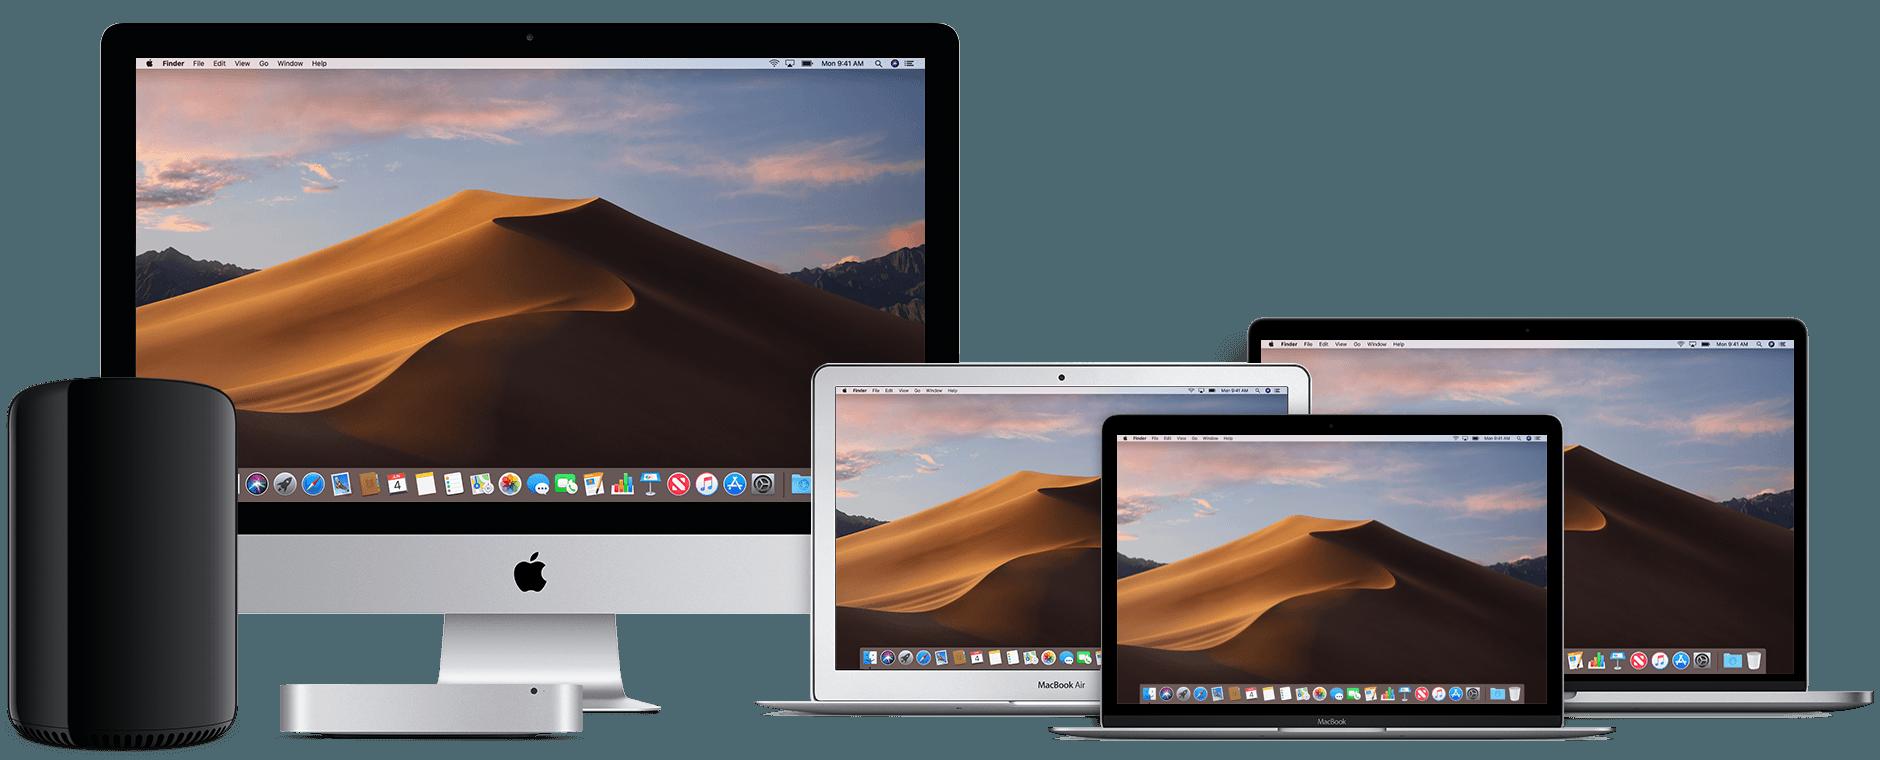 macbook repair in india